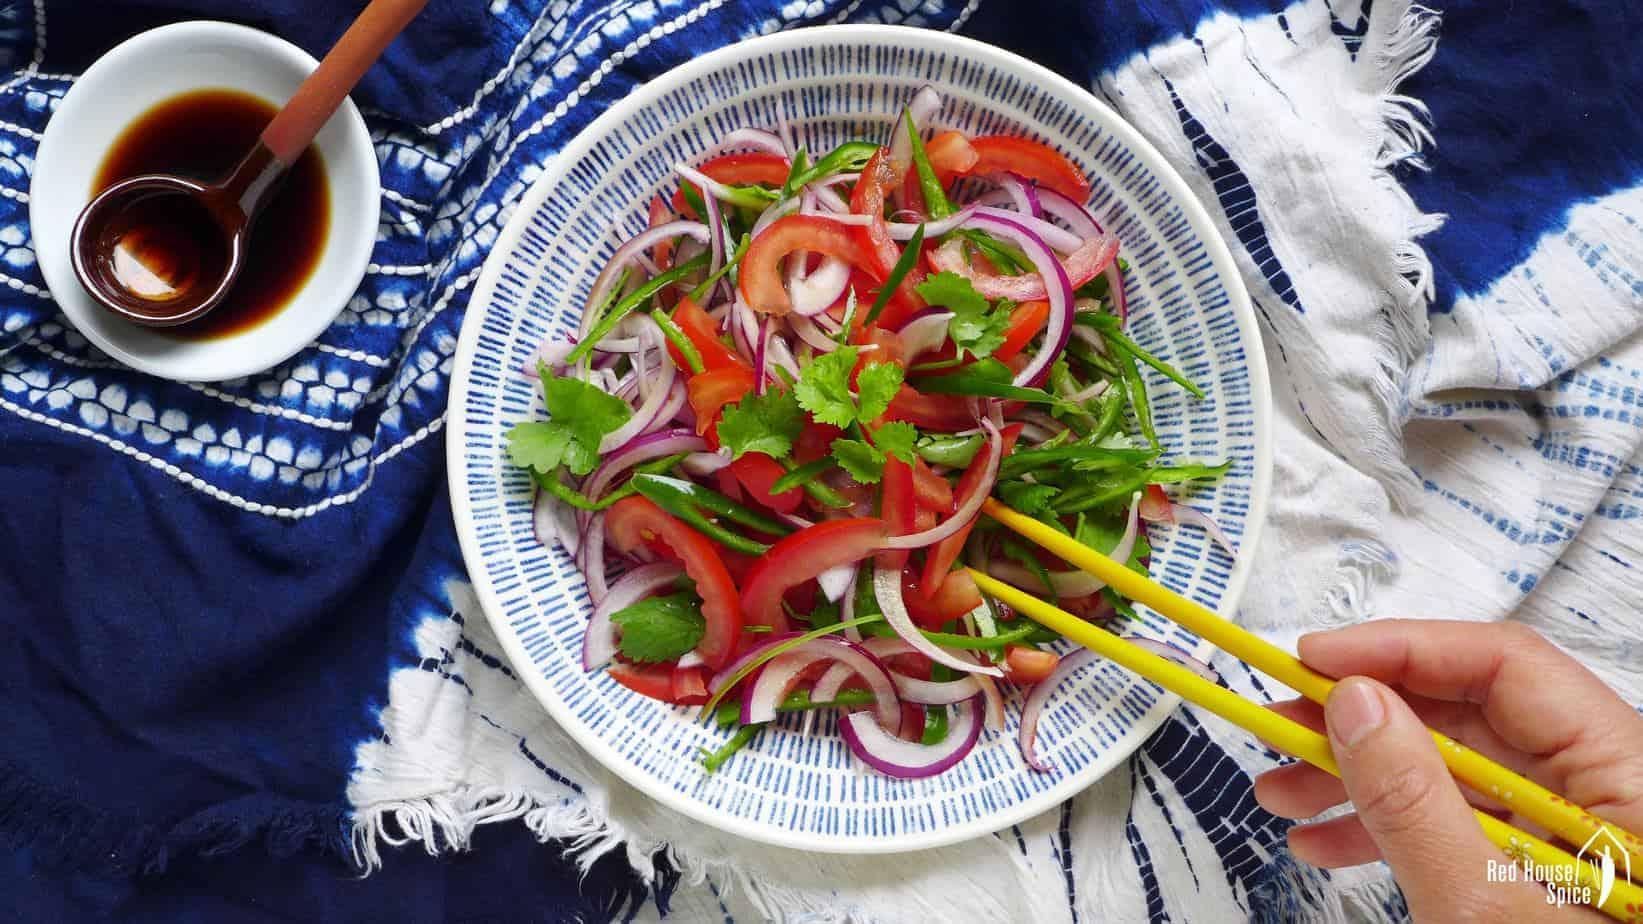 Xinjiang tiger salad (老虎菜)